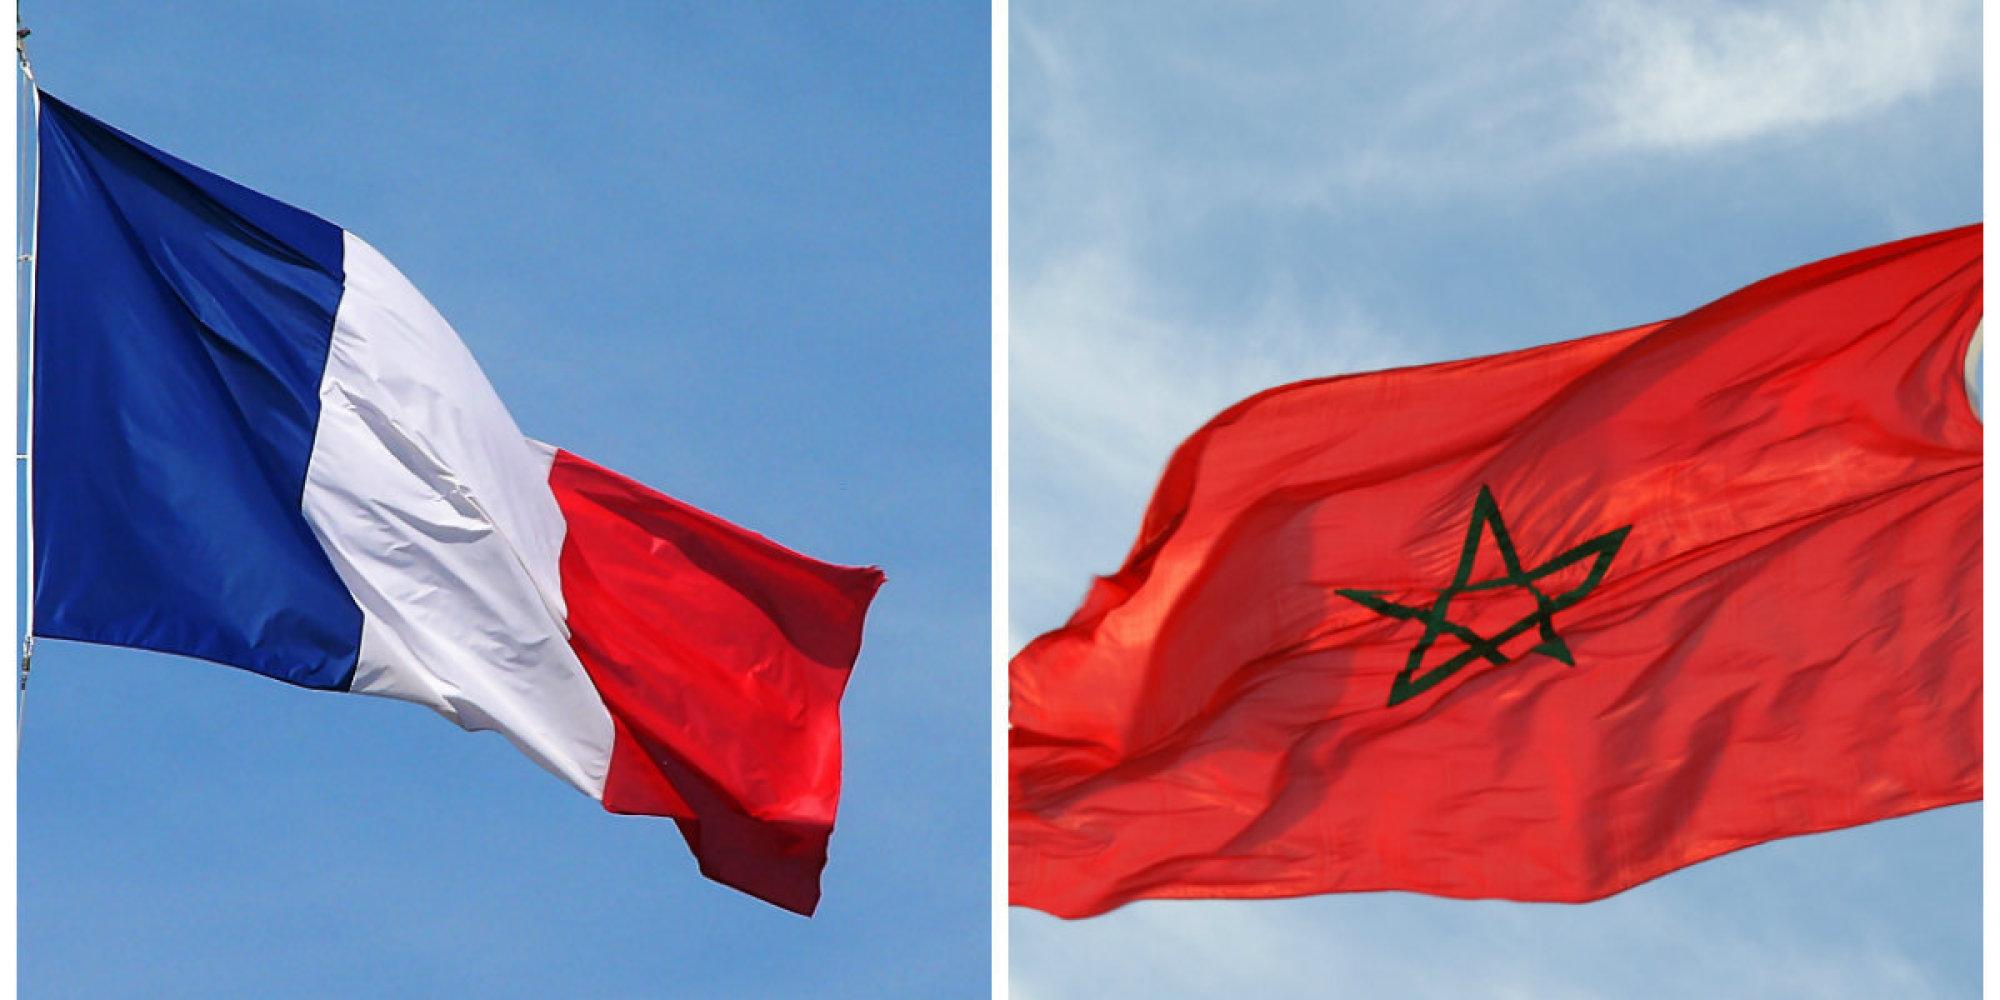 هام: حملة تشغيل جديدة بفرنسا يوم 18 نونبر2017 بالدار البيضاء بعقد غير محدود مع شهادة الإقامة